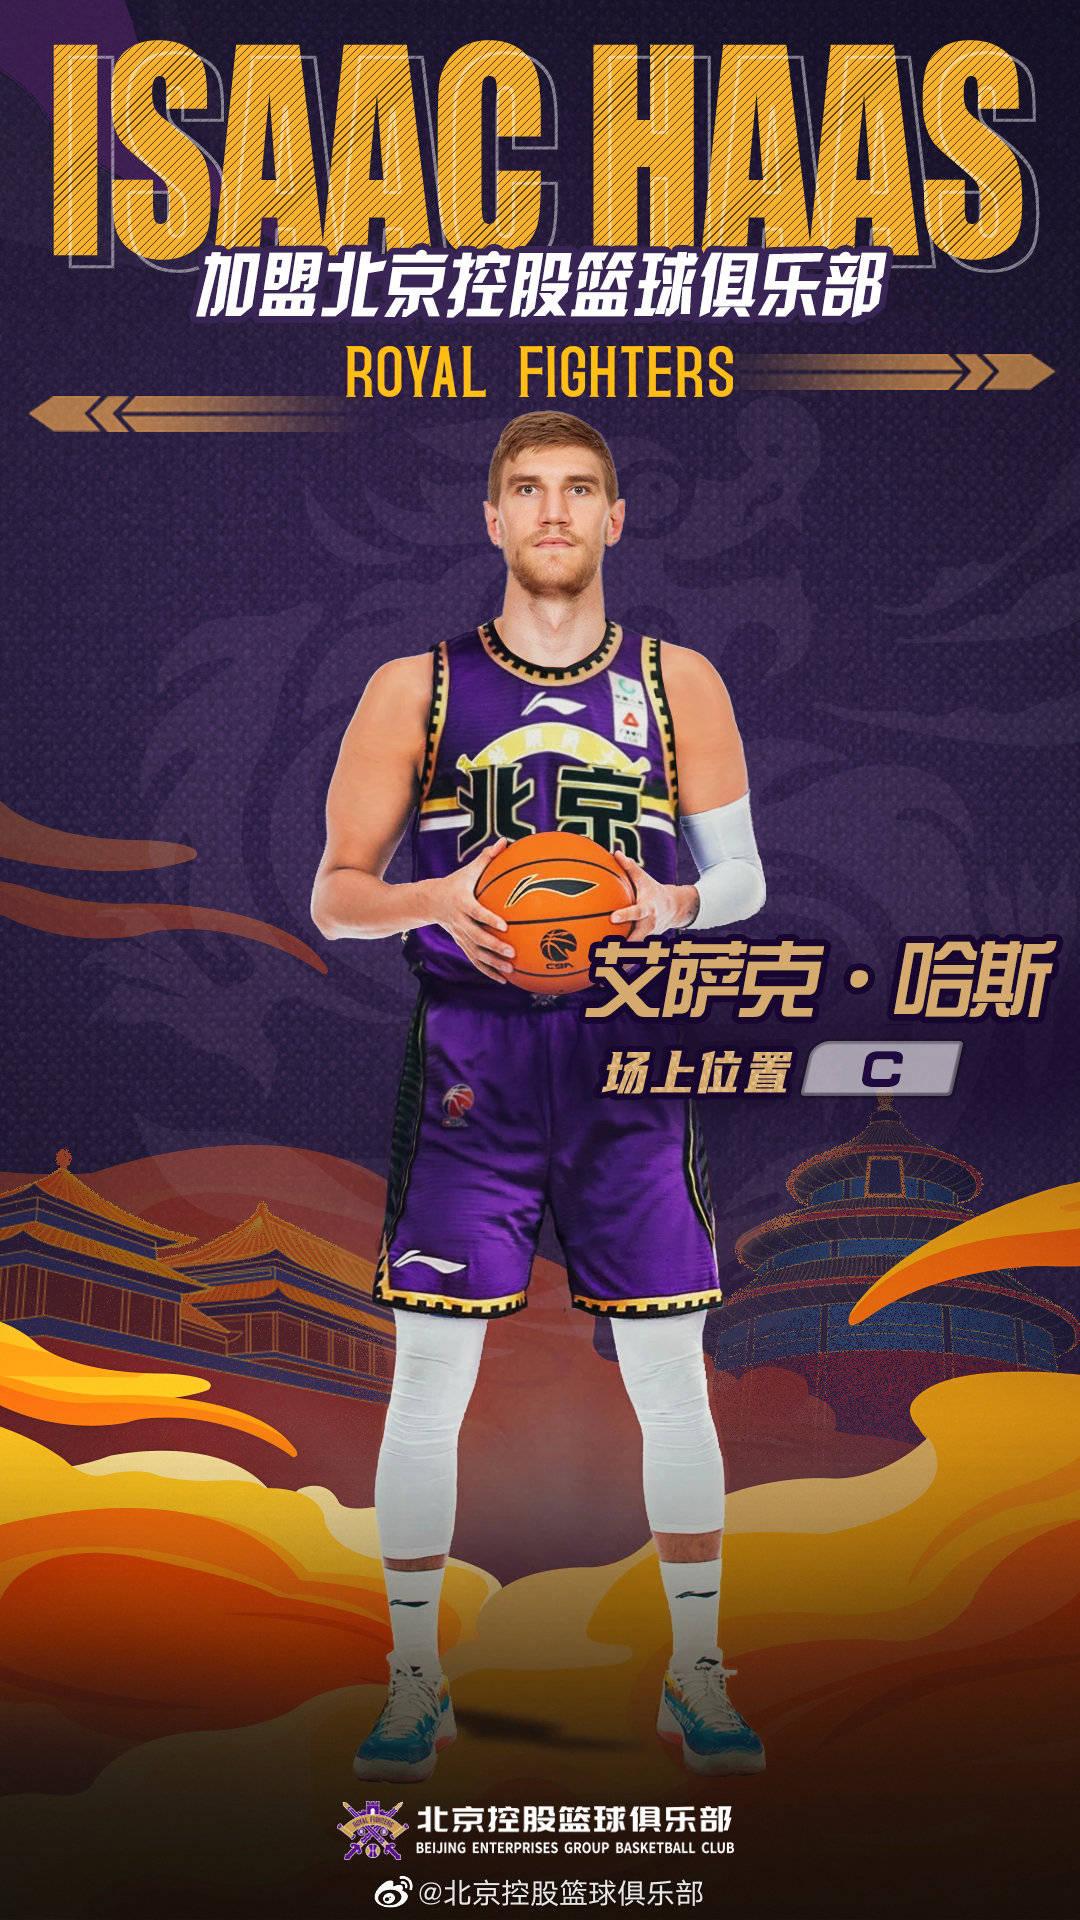 北控官宣哈斯加盟 上赛季效力广州场均10分7篮板